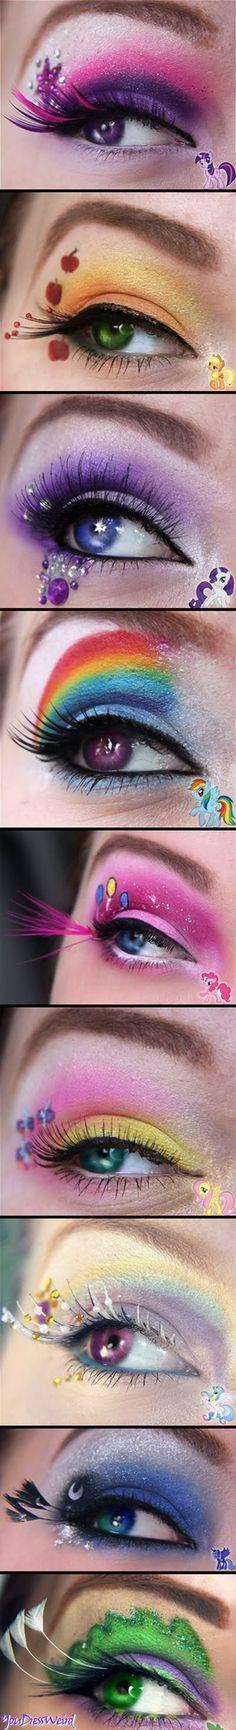 Makeup Madness Monday (29 photos)